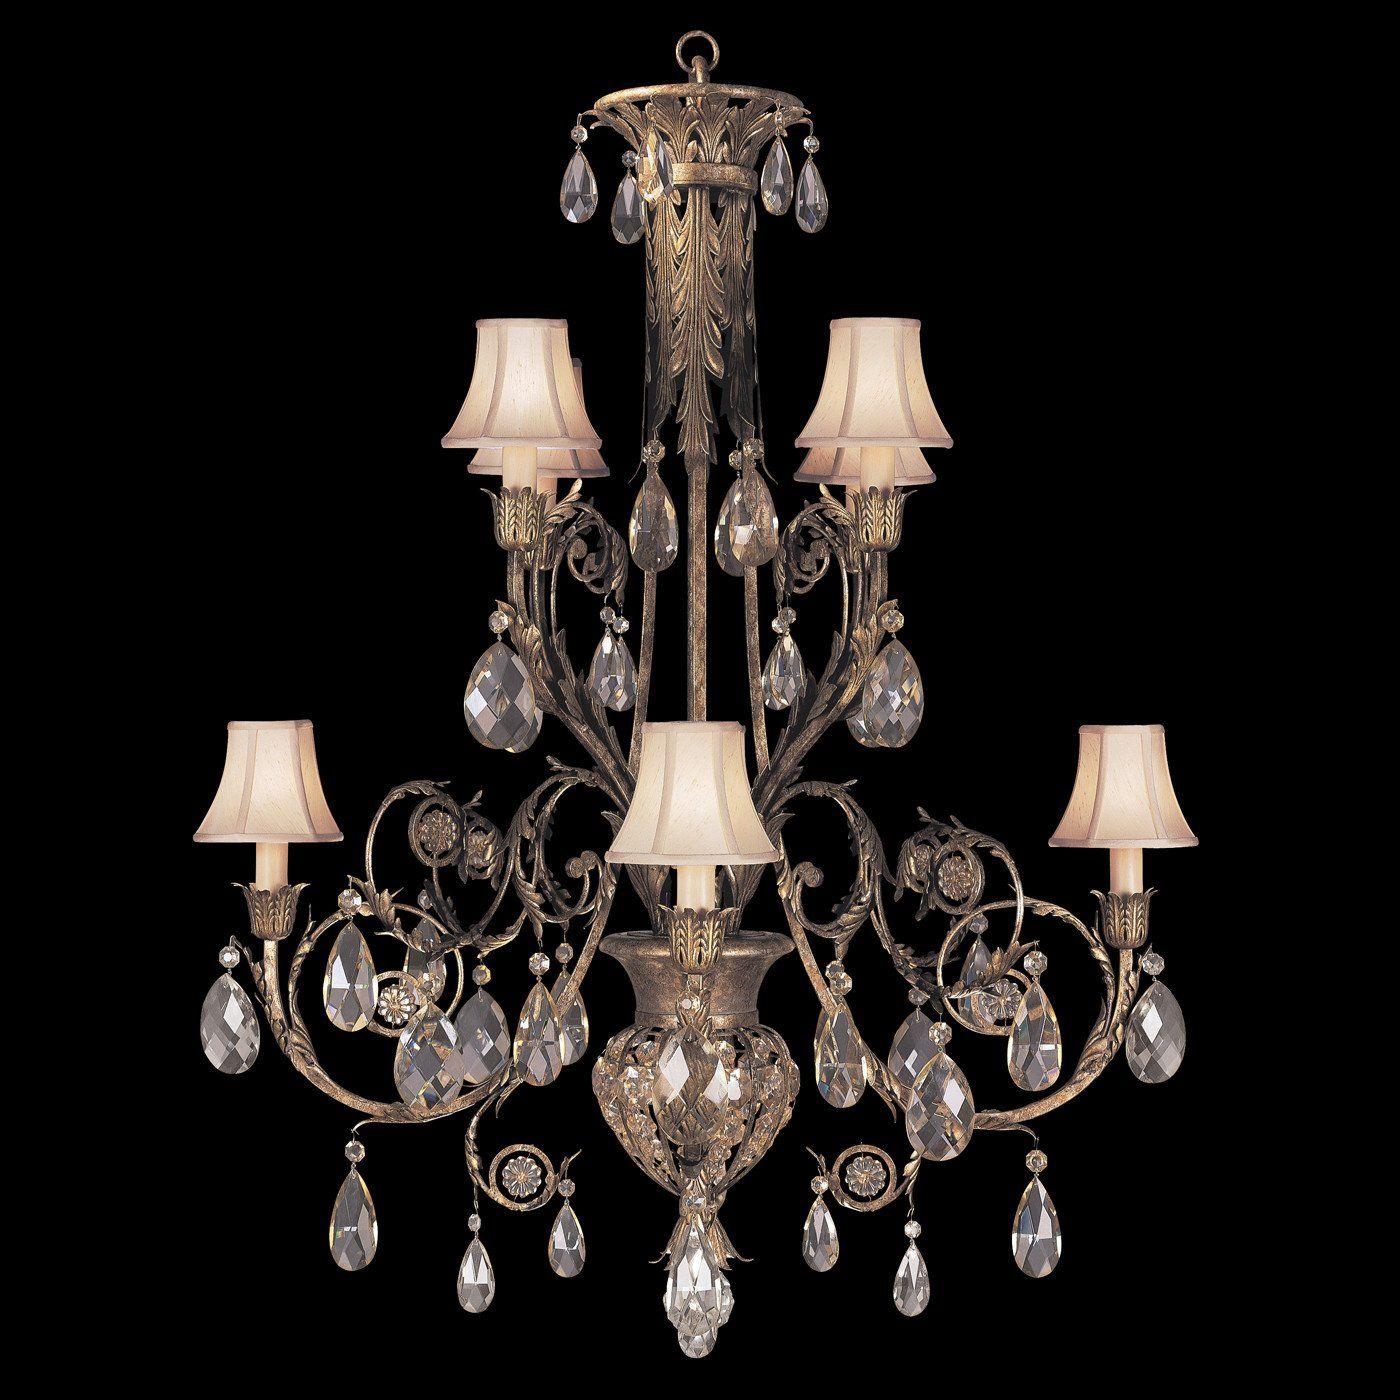 Fine Art Lamps A Midsummer Nights Dream 8 Lights Chandelier